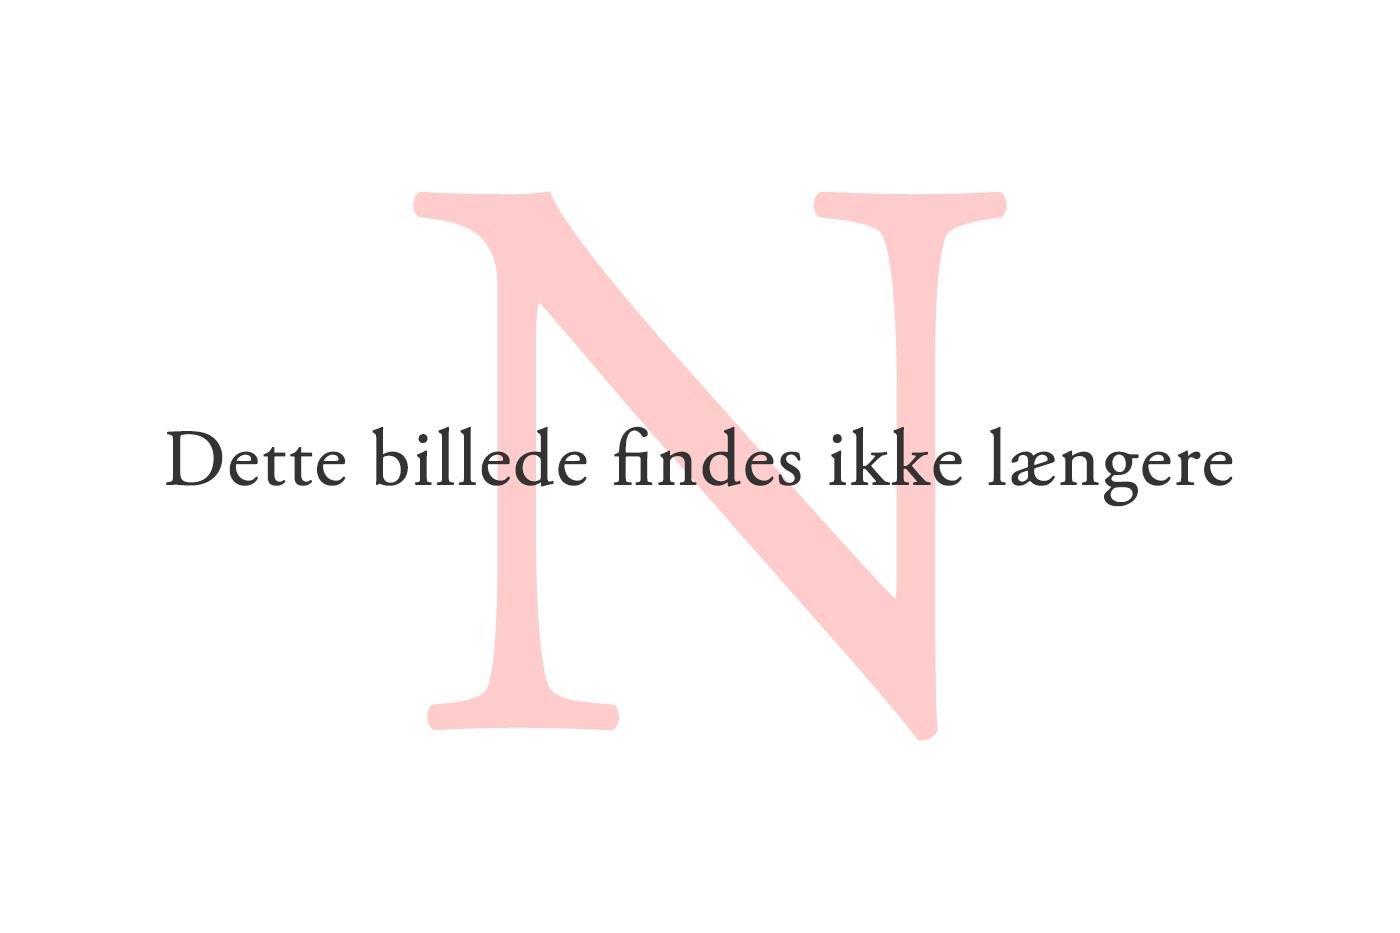 Danskerne skriver og læser meget på engelsk. Det har konsekvenser for vores færdigheder i dansk retskrivning.